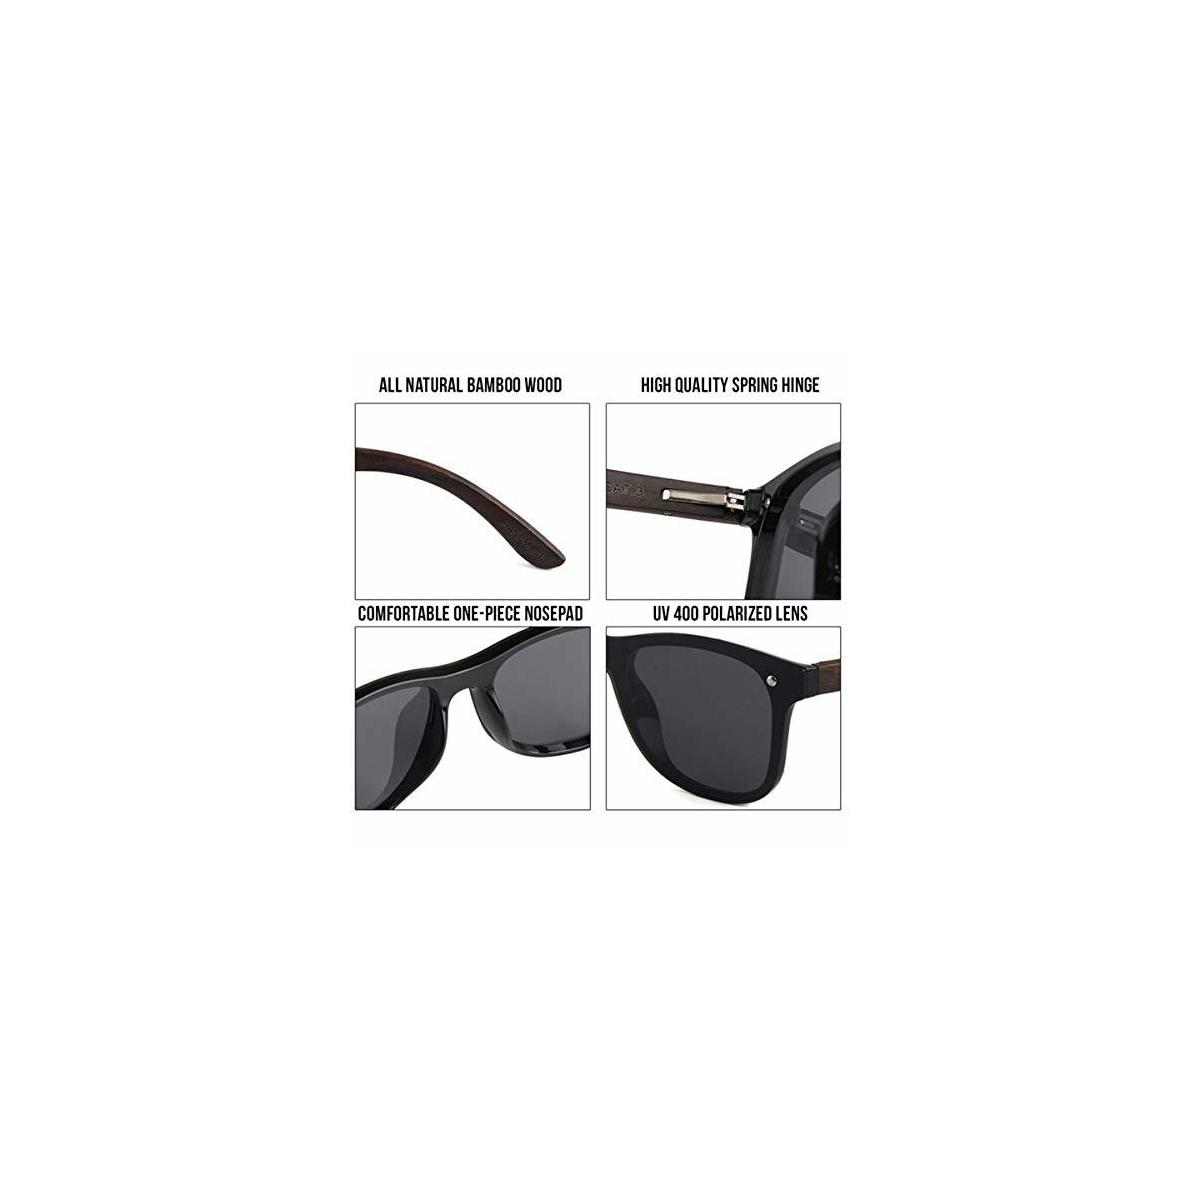 Wooden Frameless Reflective Polarized Sunglasses - Loyal Lion Rimless Sunglasses For Men & Women